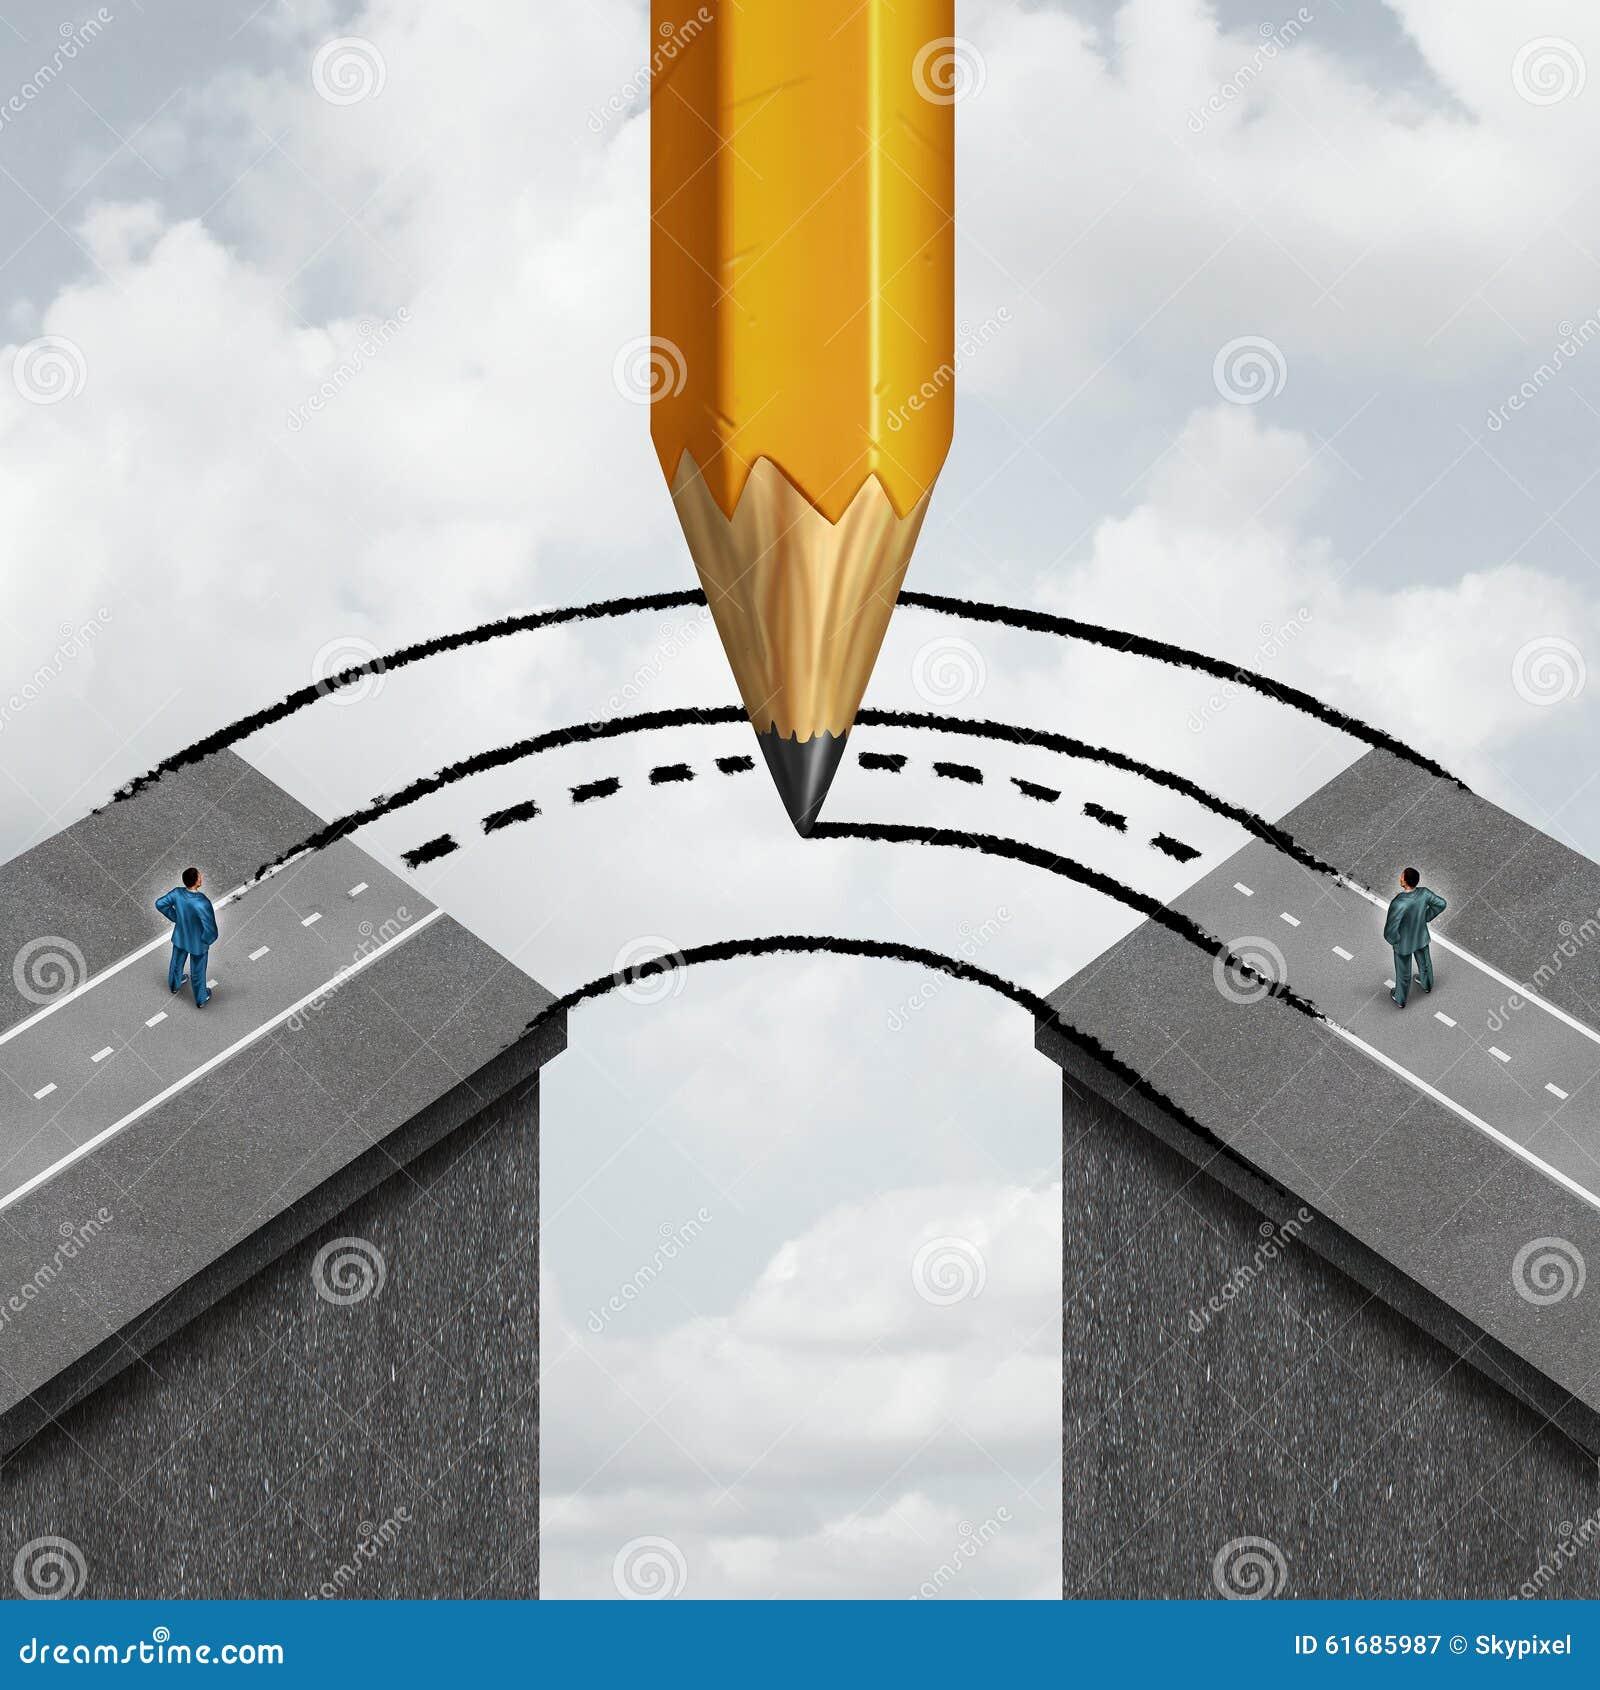 bridging the gap stock illustration image of combine 61685987. Black Bedroom Furniture Sets. Home Design Ideas